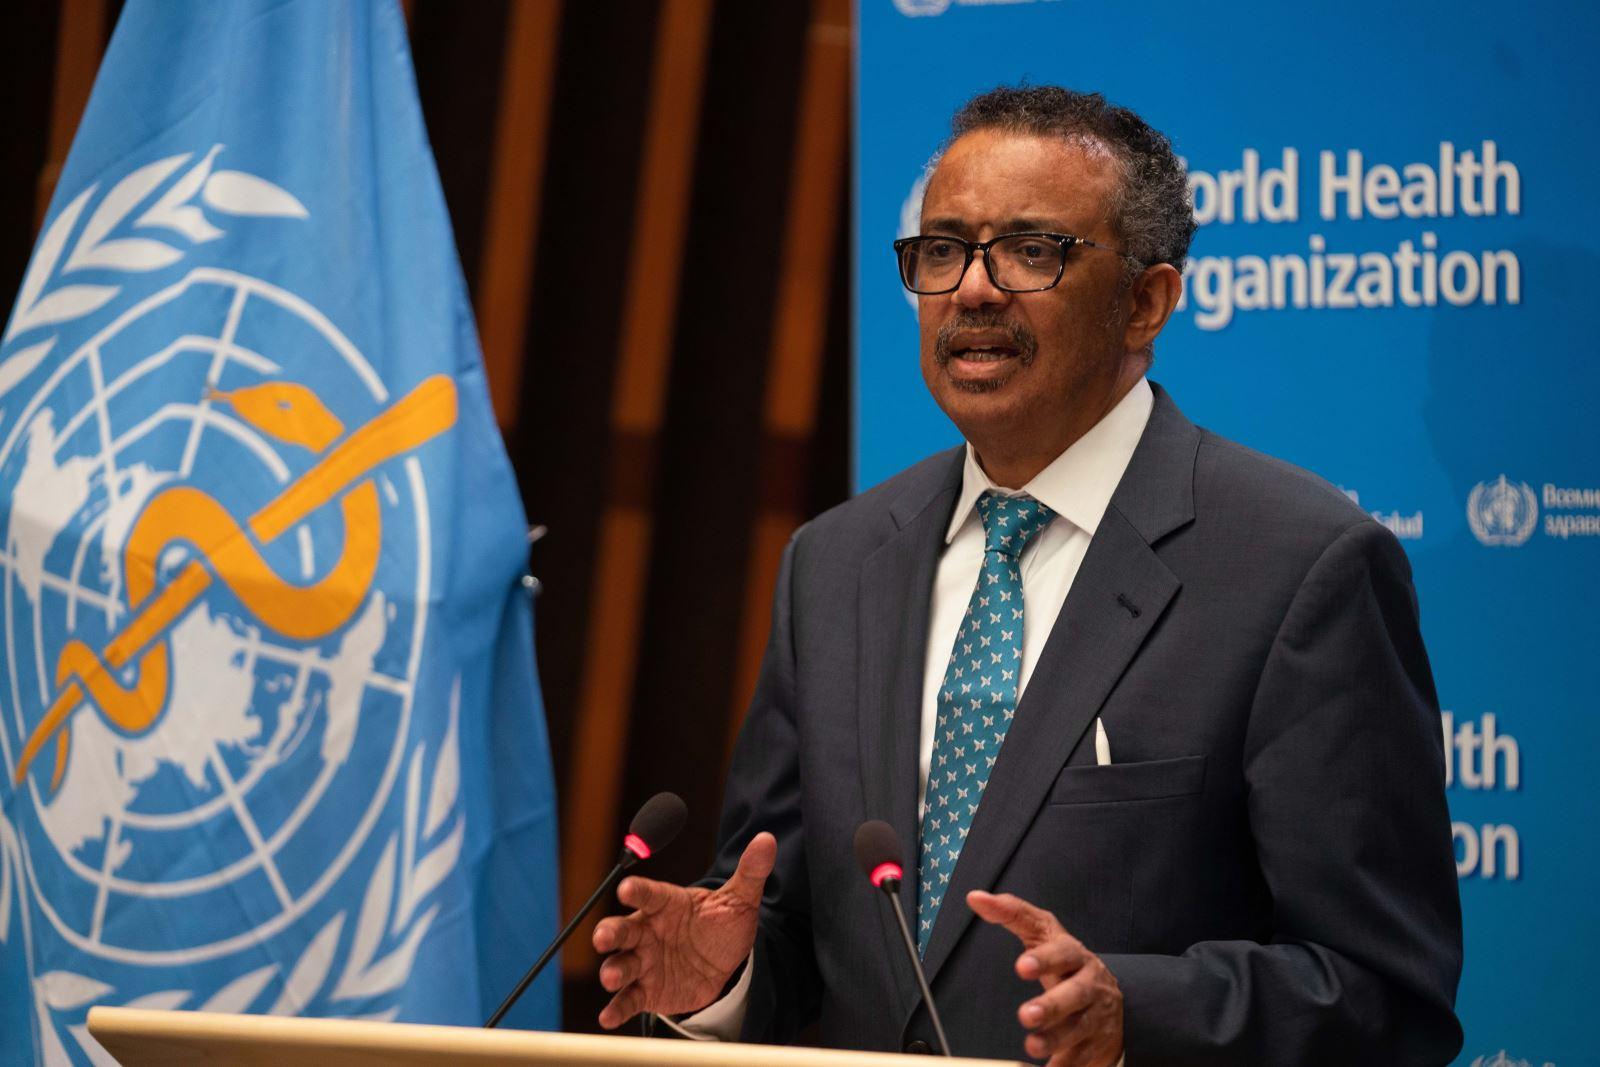 Tổng Giám đốc WHO Tedros Adhanom Ghebreyesus phát biểu tại một hội nghị ở Geneva, Thụy Sĩ ngày 18-5-2020. Ảnh: THX/TTXVN